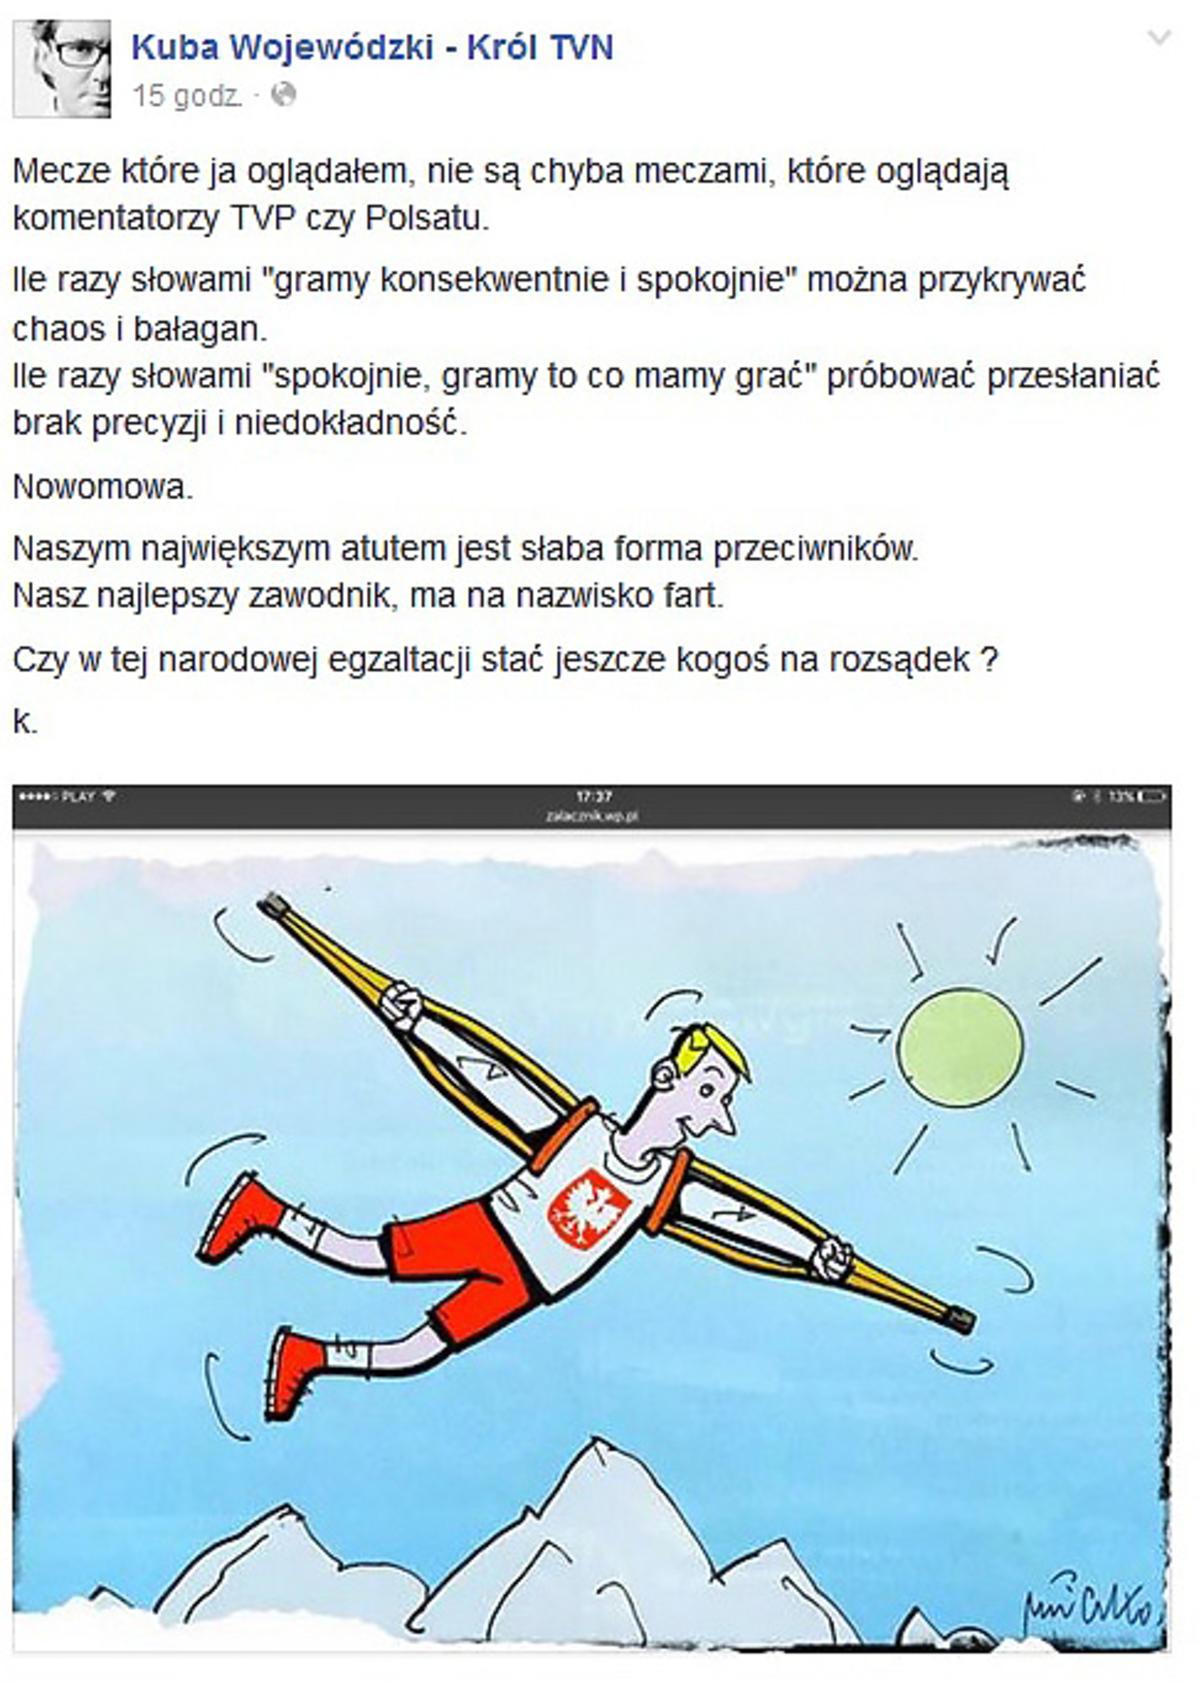 Kuba Wojewódzki krytykuje Reprezentację Polski na EURO 2016